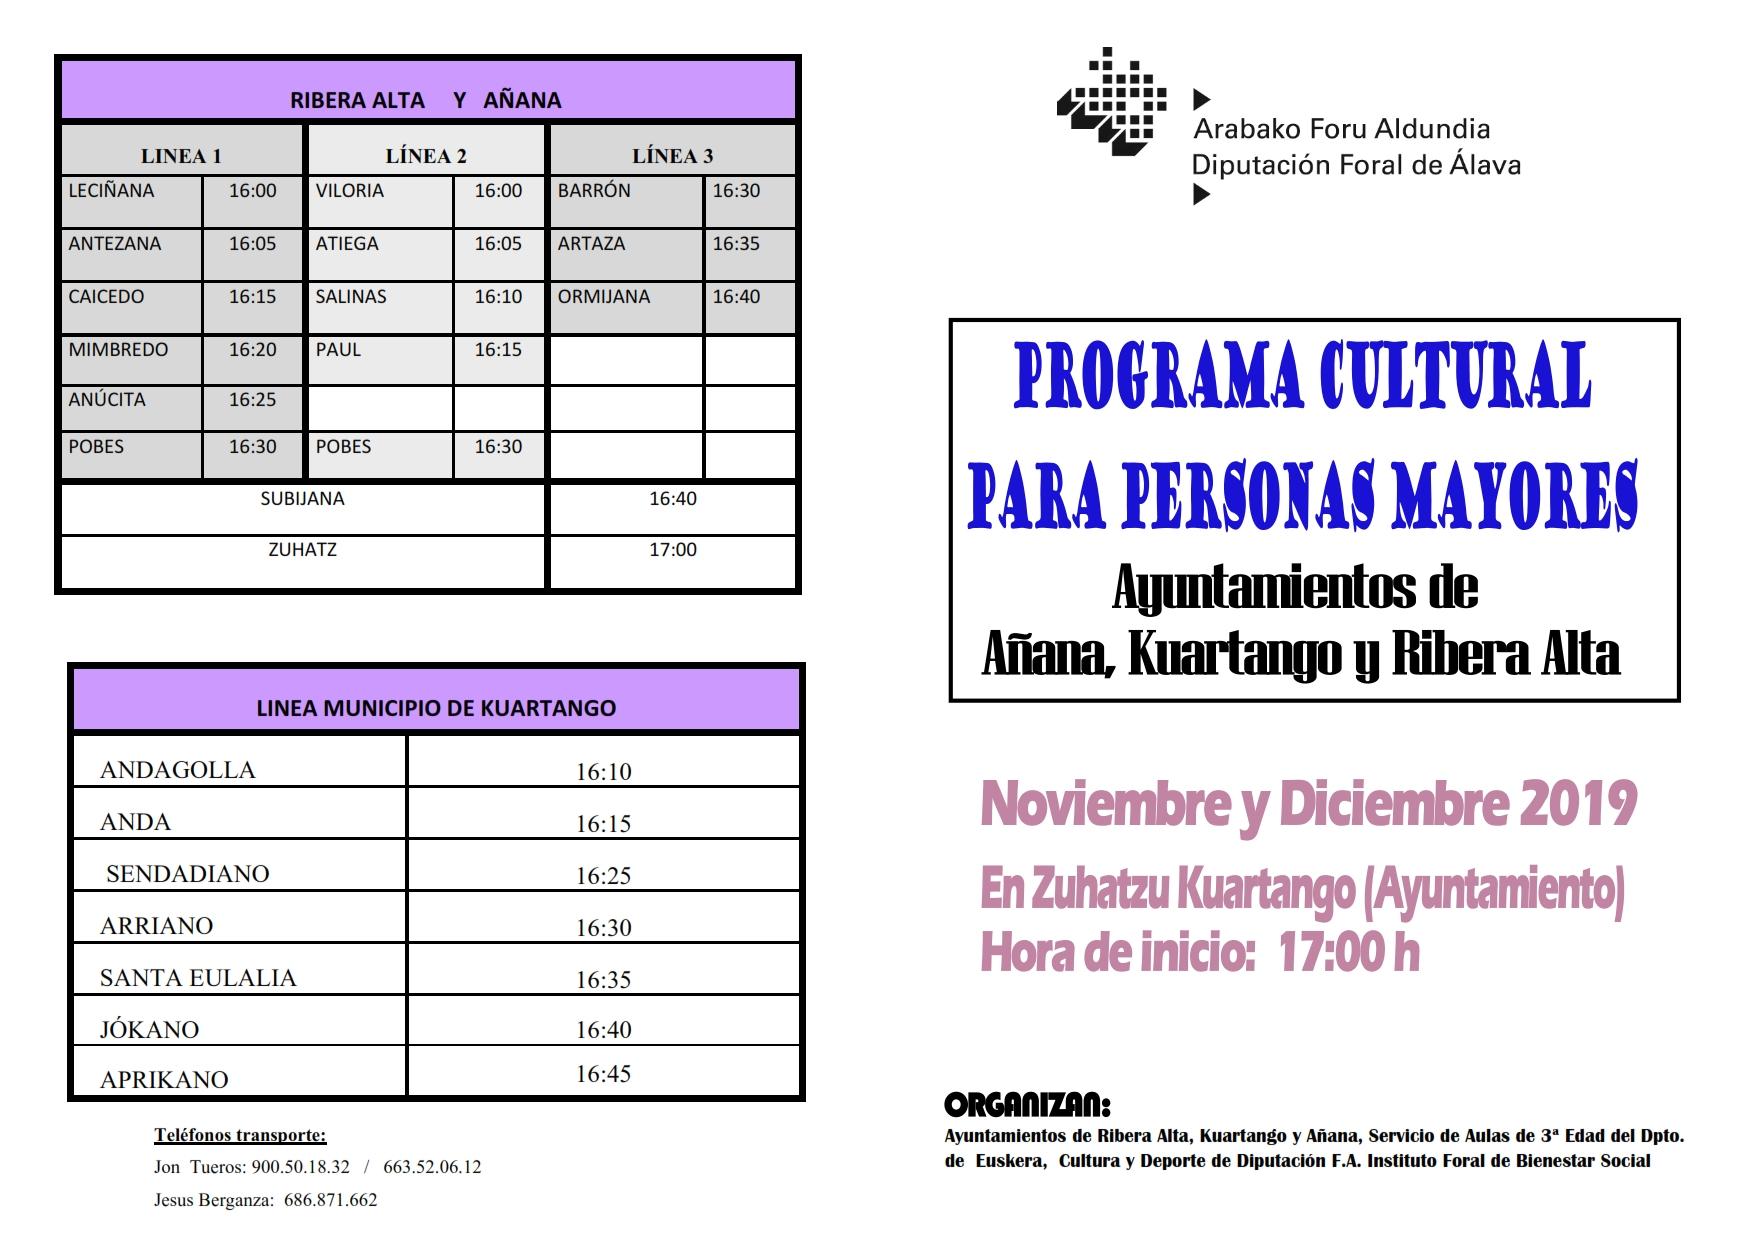 Programa de AULAS CULTURALES PARA PERSONAS MAYORES, NOVIEMBRE Y DICIEMBRE 2019, Ayuntamientos de Añana, Kuartango y Ribera Alta